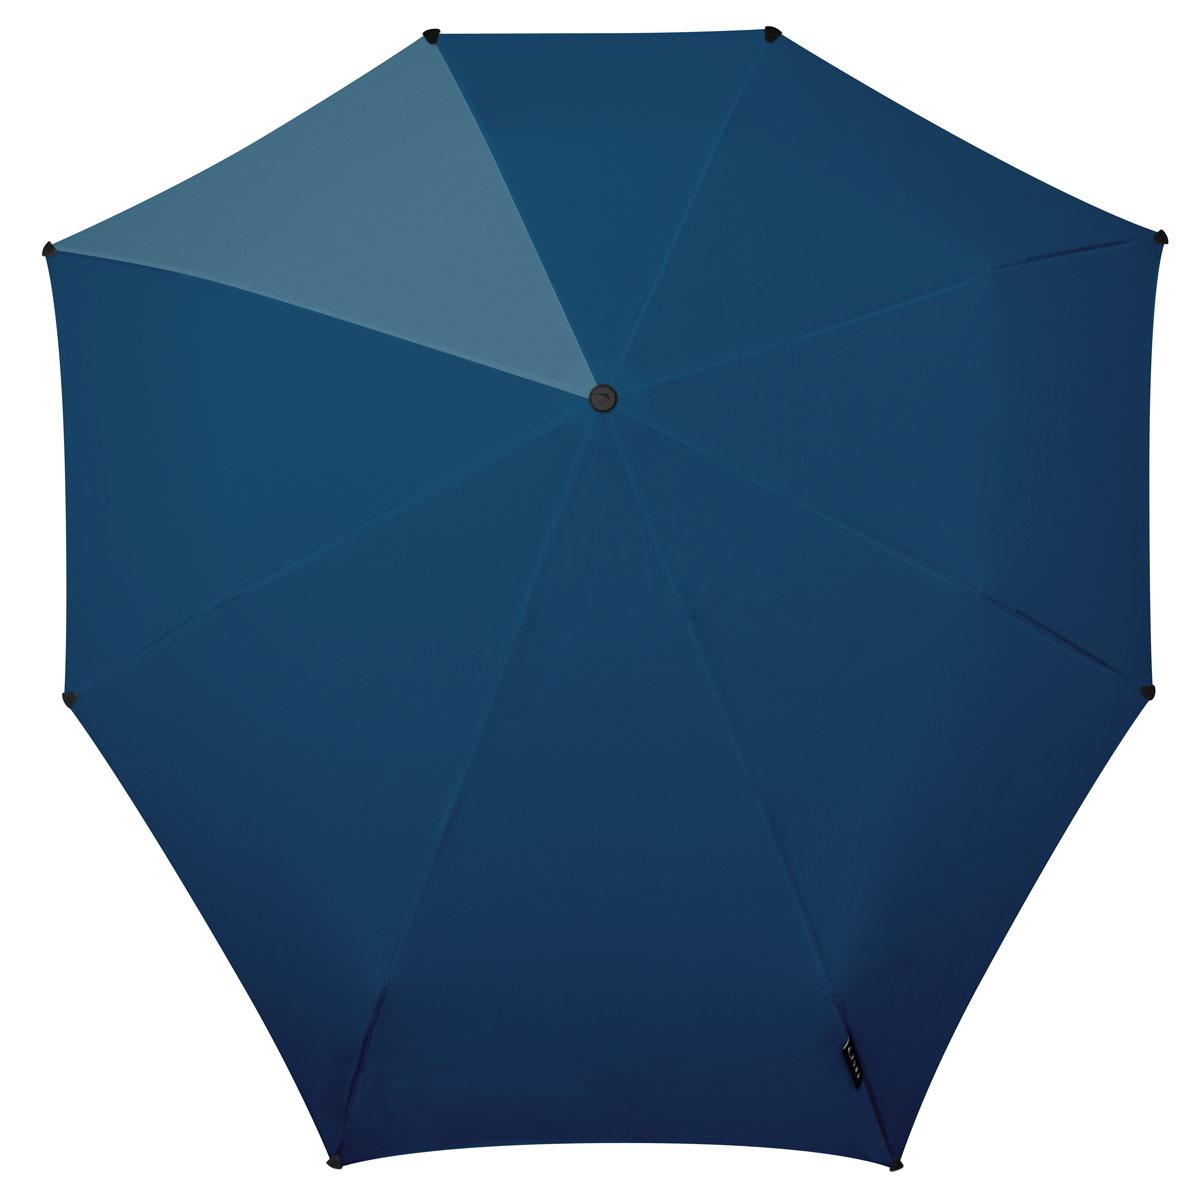 Зонт Senz, цвет: мультиколор. 10210431021043Инновационный противоштормовый зонт, выдерживающий любую непогоду. Входит в коллекцию global playground, разработанную в соответствии с современными течениями fashion-индустрии. Вдохновением для дизайнеров стали улицы городов по всему земному шару. На новых принтах вы встретите уникальный микс всего, что мы открываем для себя во время путешествий: разнообразие оттенков, цветов, теней, линий и форм. Зонт Senz отлично дополнит образ, подчеркнет индивидуальность и вкус своего обладателя. Легкий, компактный и прочный он открывается и закрывается нажатием на кнопку. Закрывает спину от дождя, а благодаря своей усовершенствованной конструкции, зонт не выворачивается наизнанку даже при сильном ветре. Модель Senz automatic выдержала испытания в аэротрубе со скоростью ветра 80 км/ч. - тип — автомат - три сложения - выдерживает порывы ветра до 80 км/ч - УФ-защита 50+ - эргономичная ручка - безопасные колпачки на кончиках спиц - в...